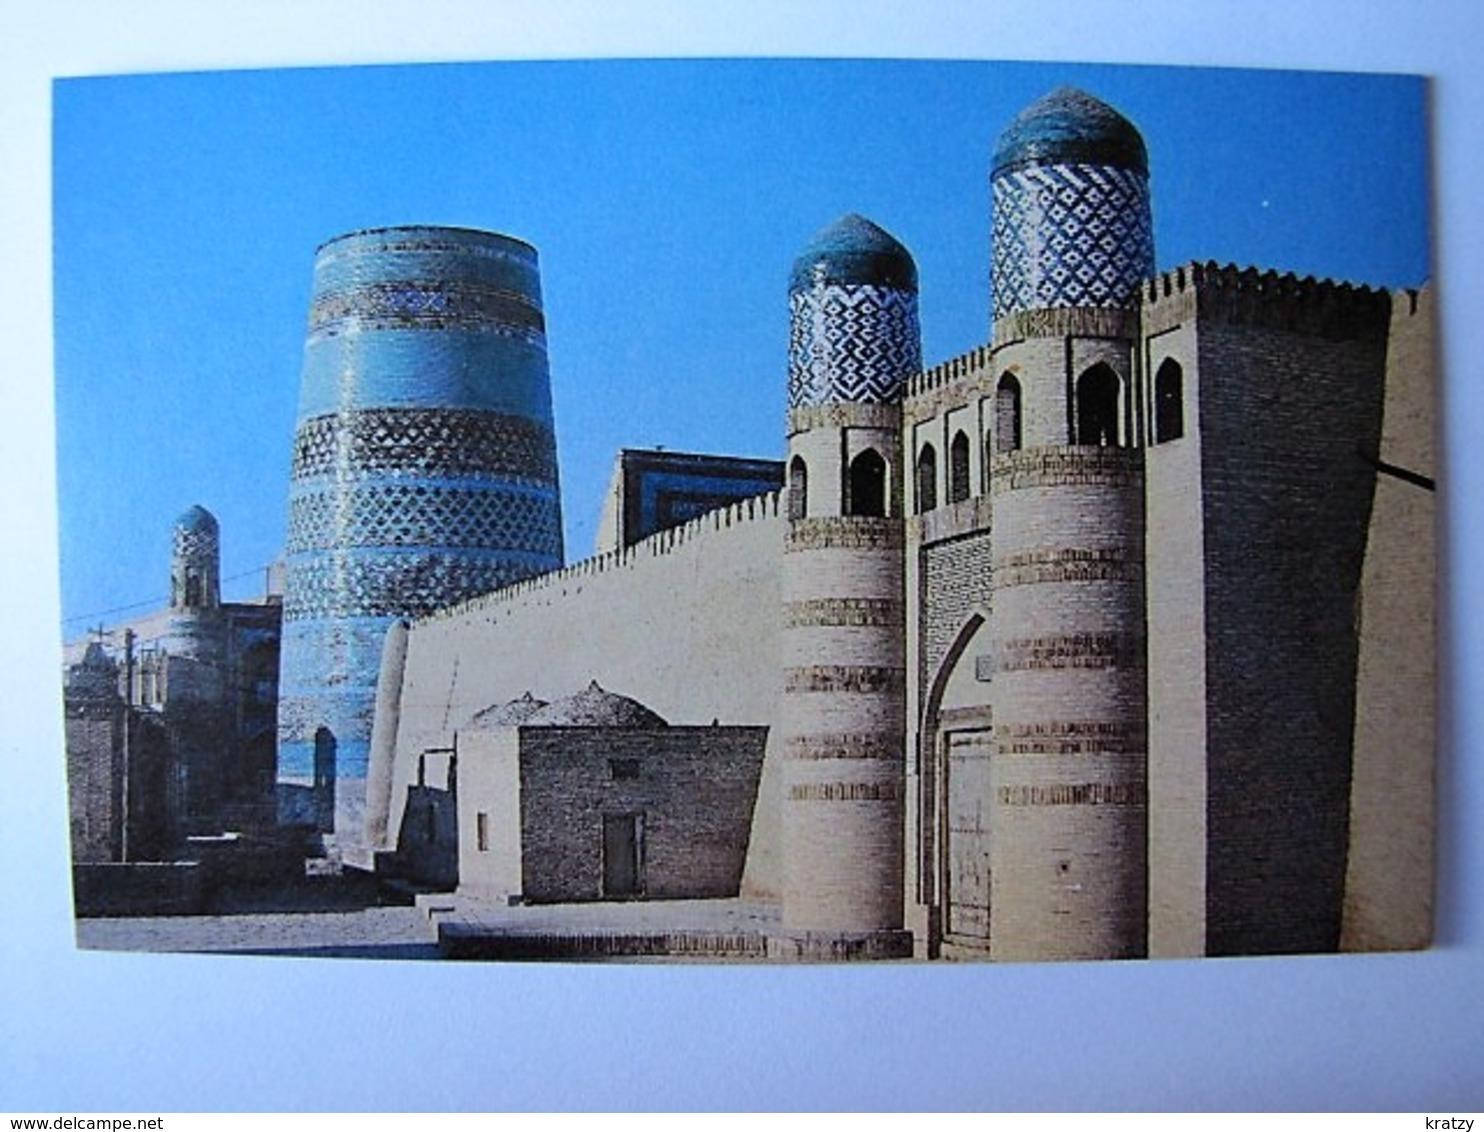 OUZBEKISTAN - KHIVA - Ichan-Kala - The Kunya-arq Citadel And The Kalta-Minär - Uzbekistan